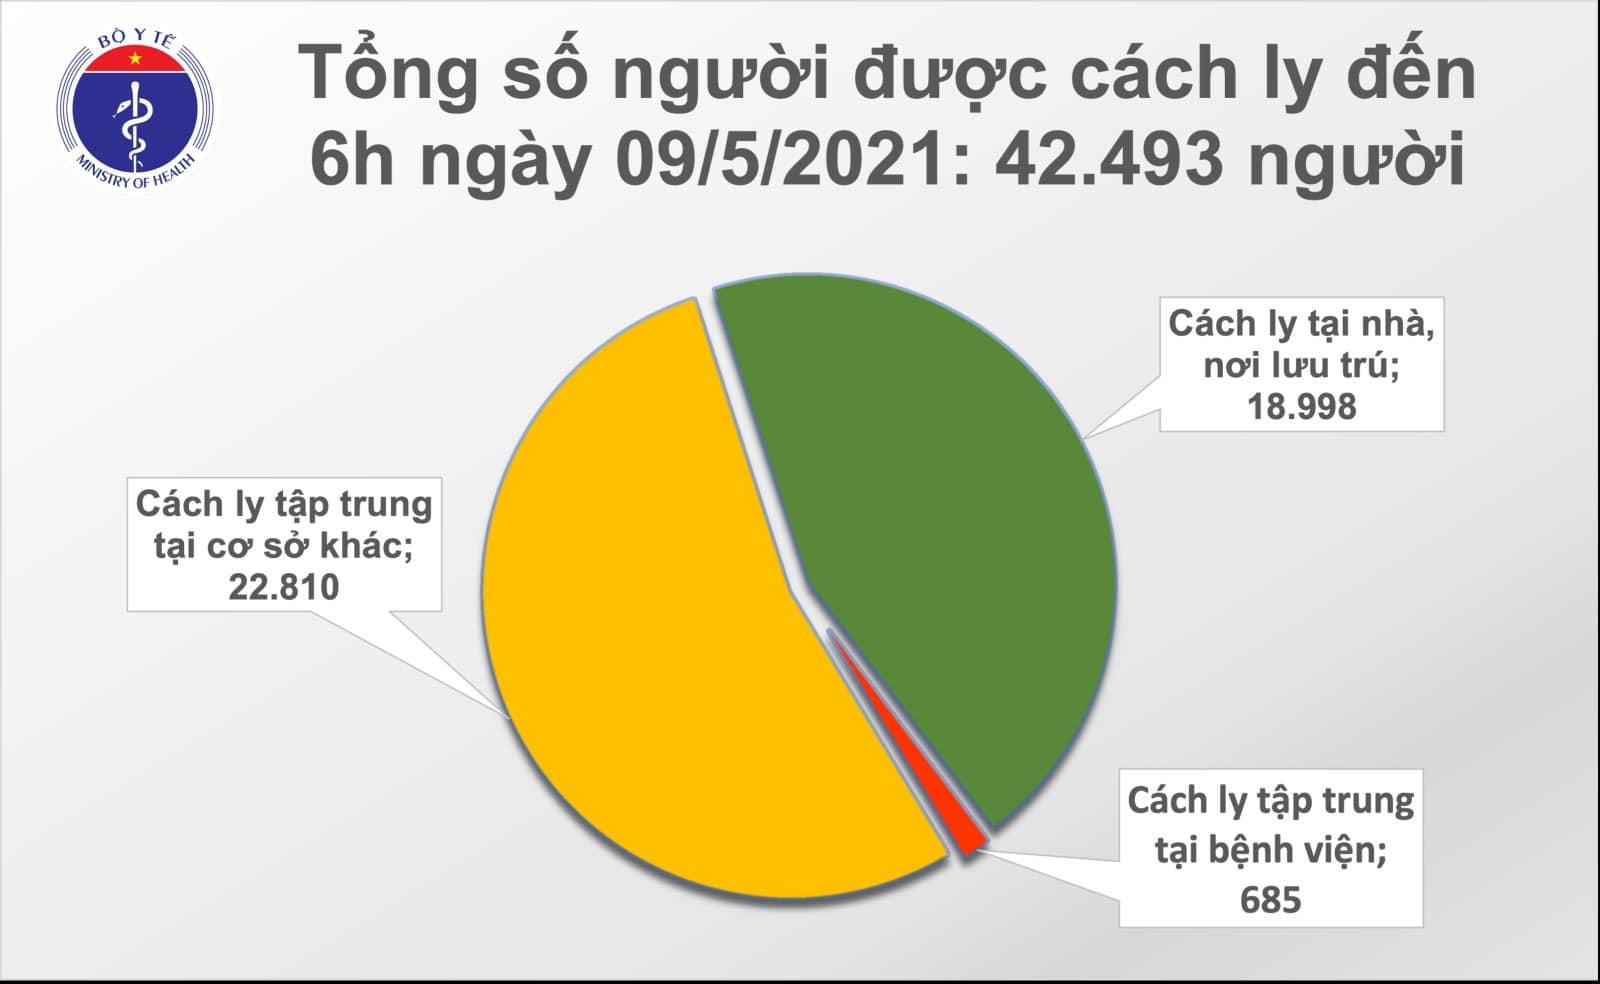 Sáng 9/5 có 15 ca Covid-19 lây nhiễm trong nước, dịch lan ra 23 tỉnh thành - Ảnh 4.